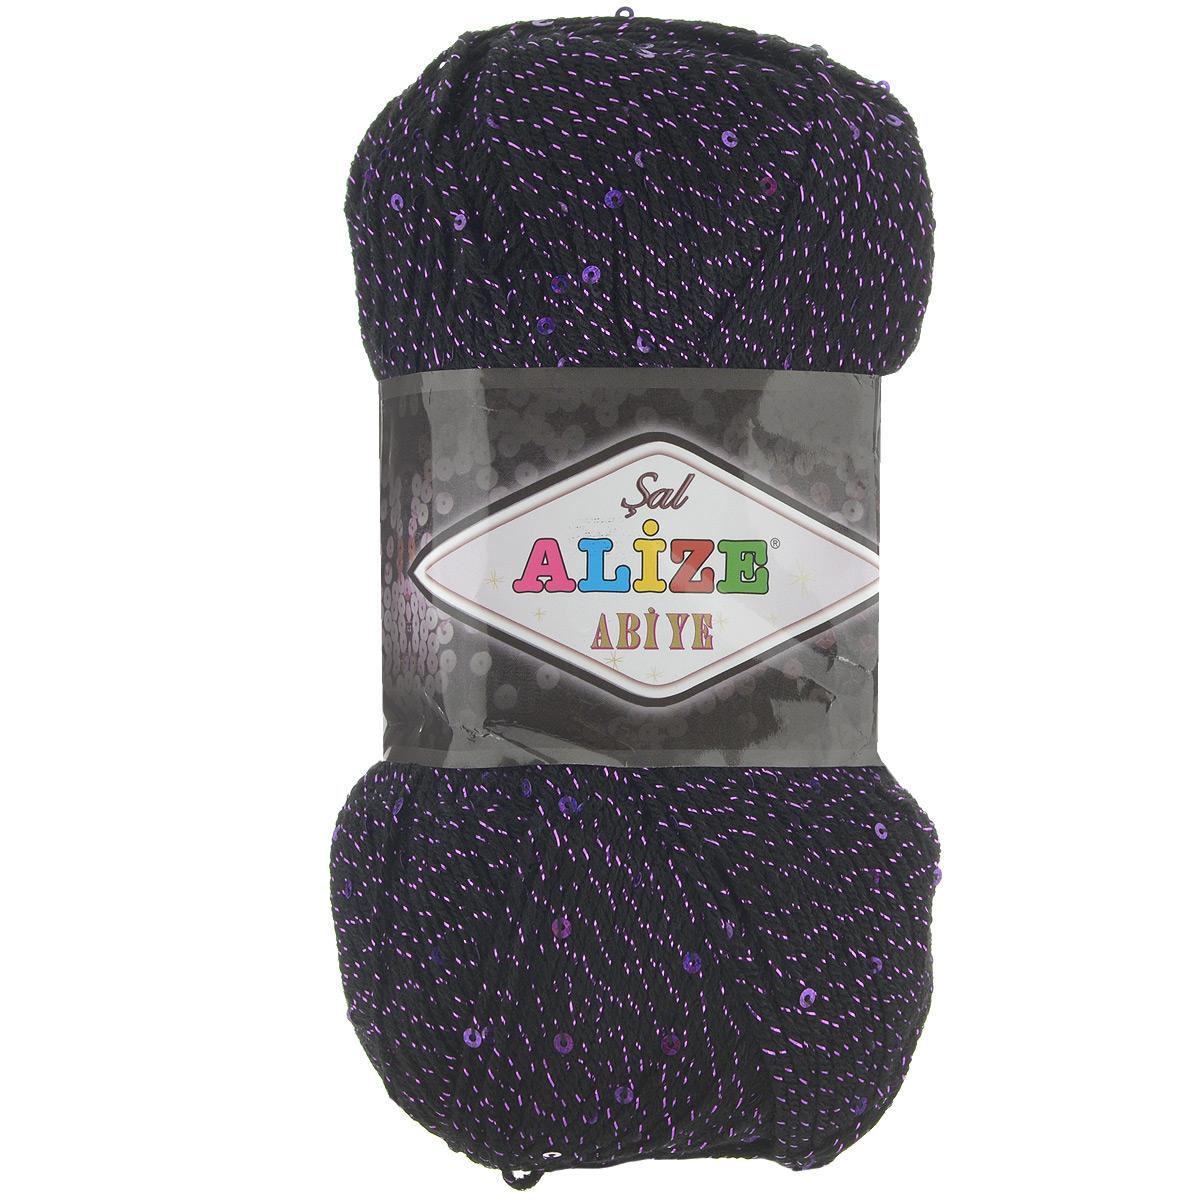 Пряжа для вязания Alize Sal Abiye, цвет: черный, фиолетовый (60-11), 410 м, 100 г, 5 шт372113_60-11Фантазийная акриловая пряжа с добавлением в тон нити пайеток и металлика. Эта нарядная пряжа подходит для вязания элегантных вечерних нарядов, сумочек, кошельков, украшений и пр. Рекомендованные спицы №2-4, крючок №1-4. Комплектация: 5 мотков. Состав: 80% акрил, 10% полиэстер, 5% пайетки, 5% металлик.